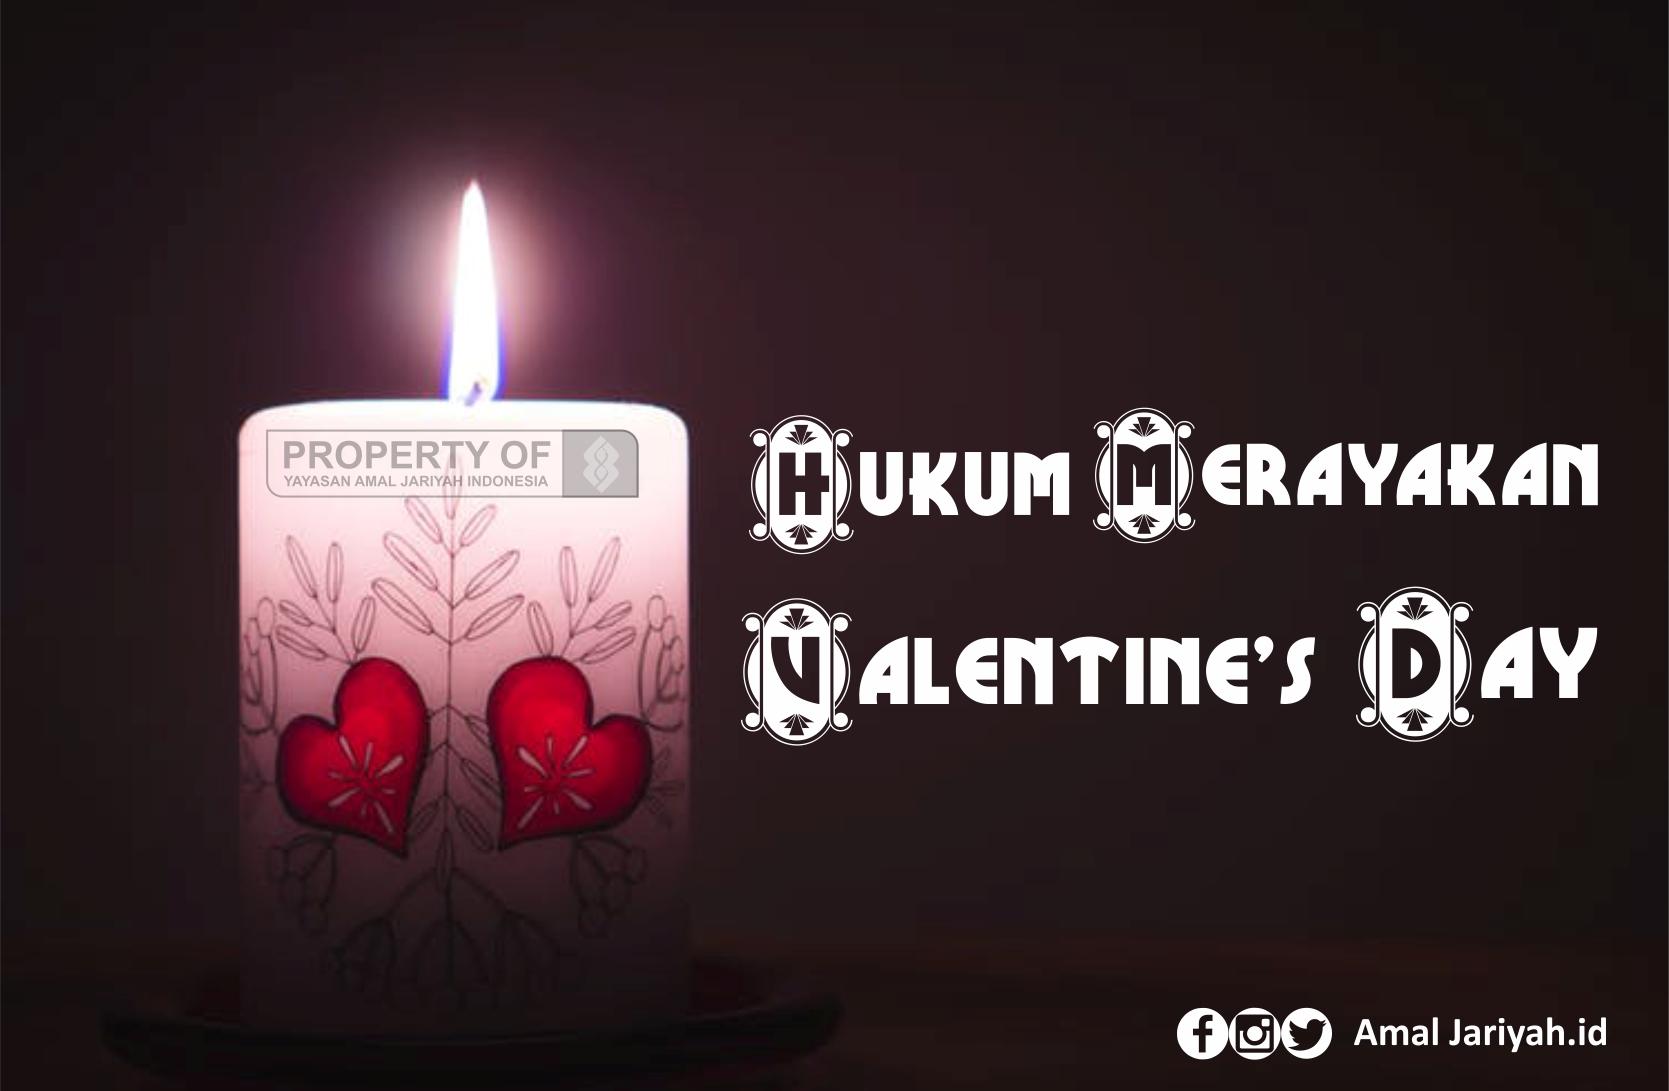 Hukum Merayakan Valentine's Day